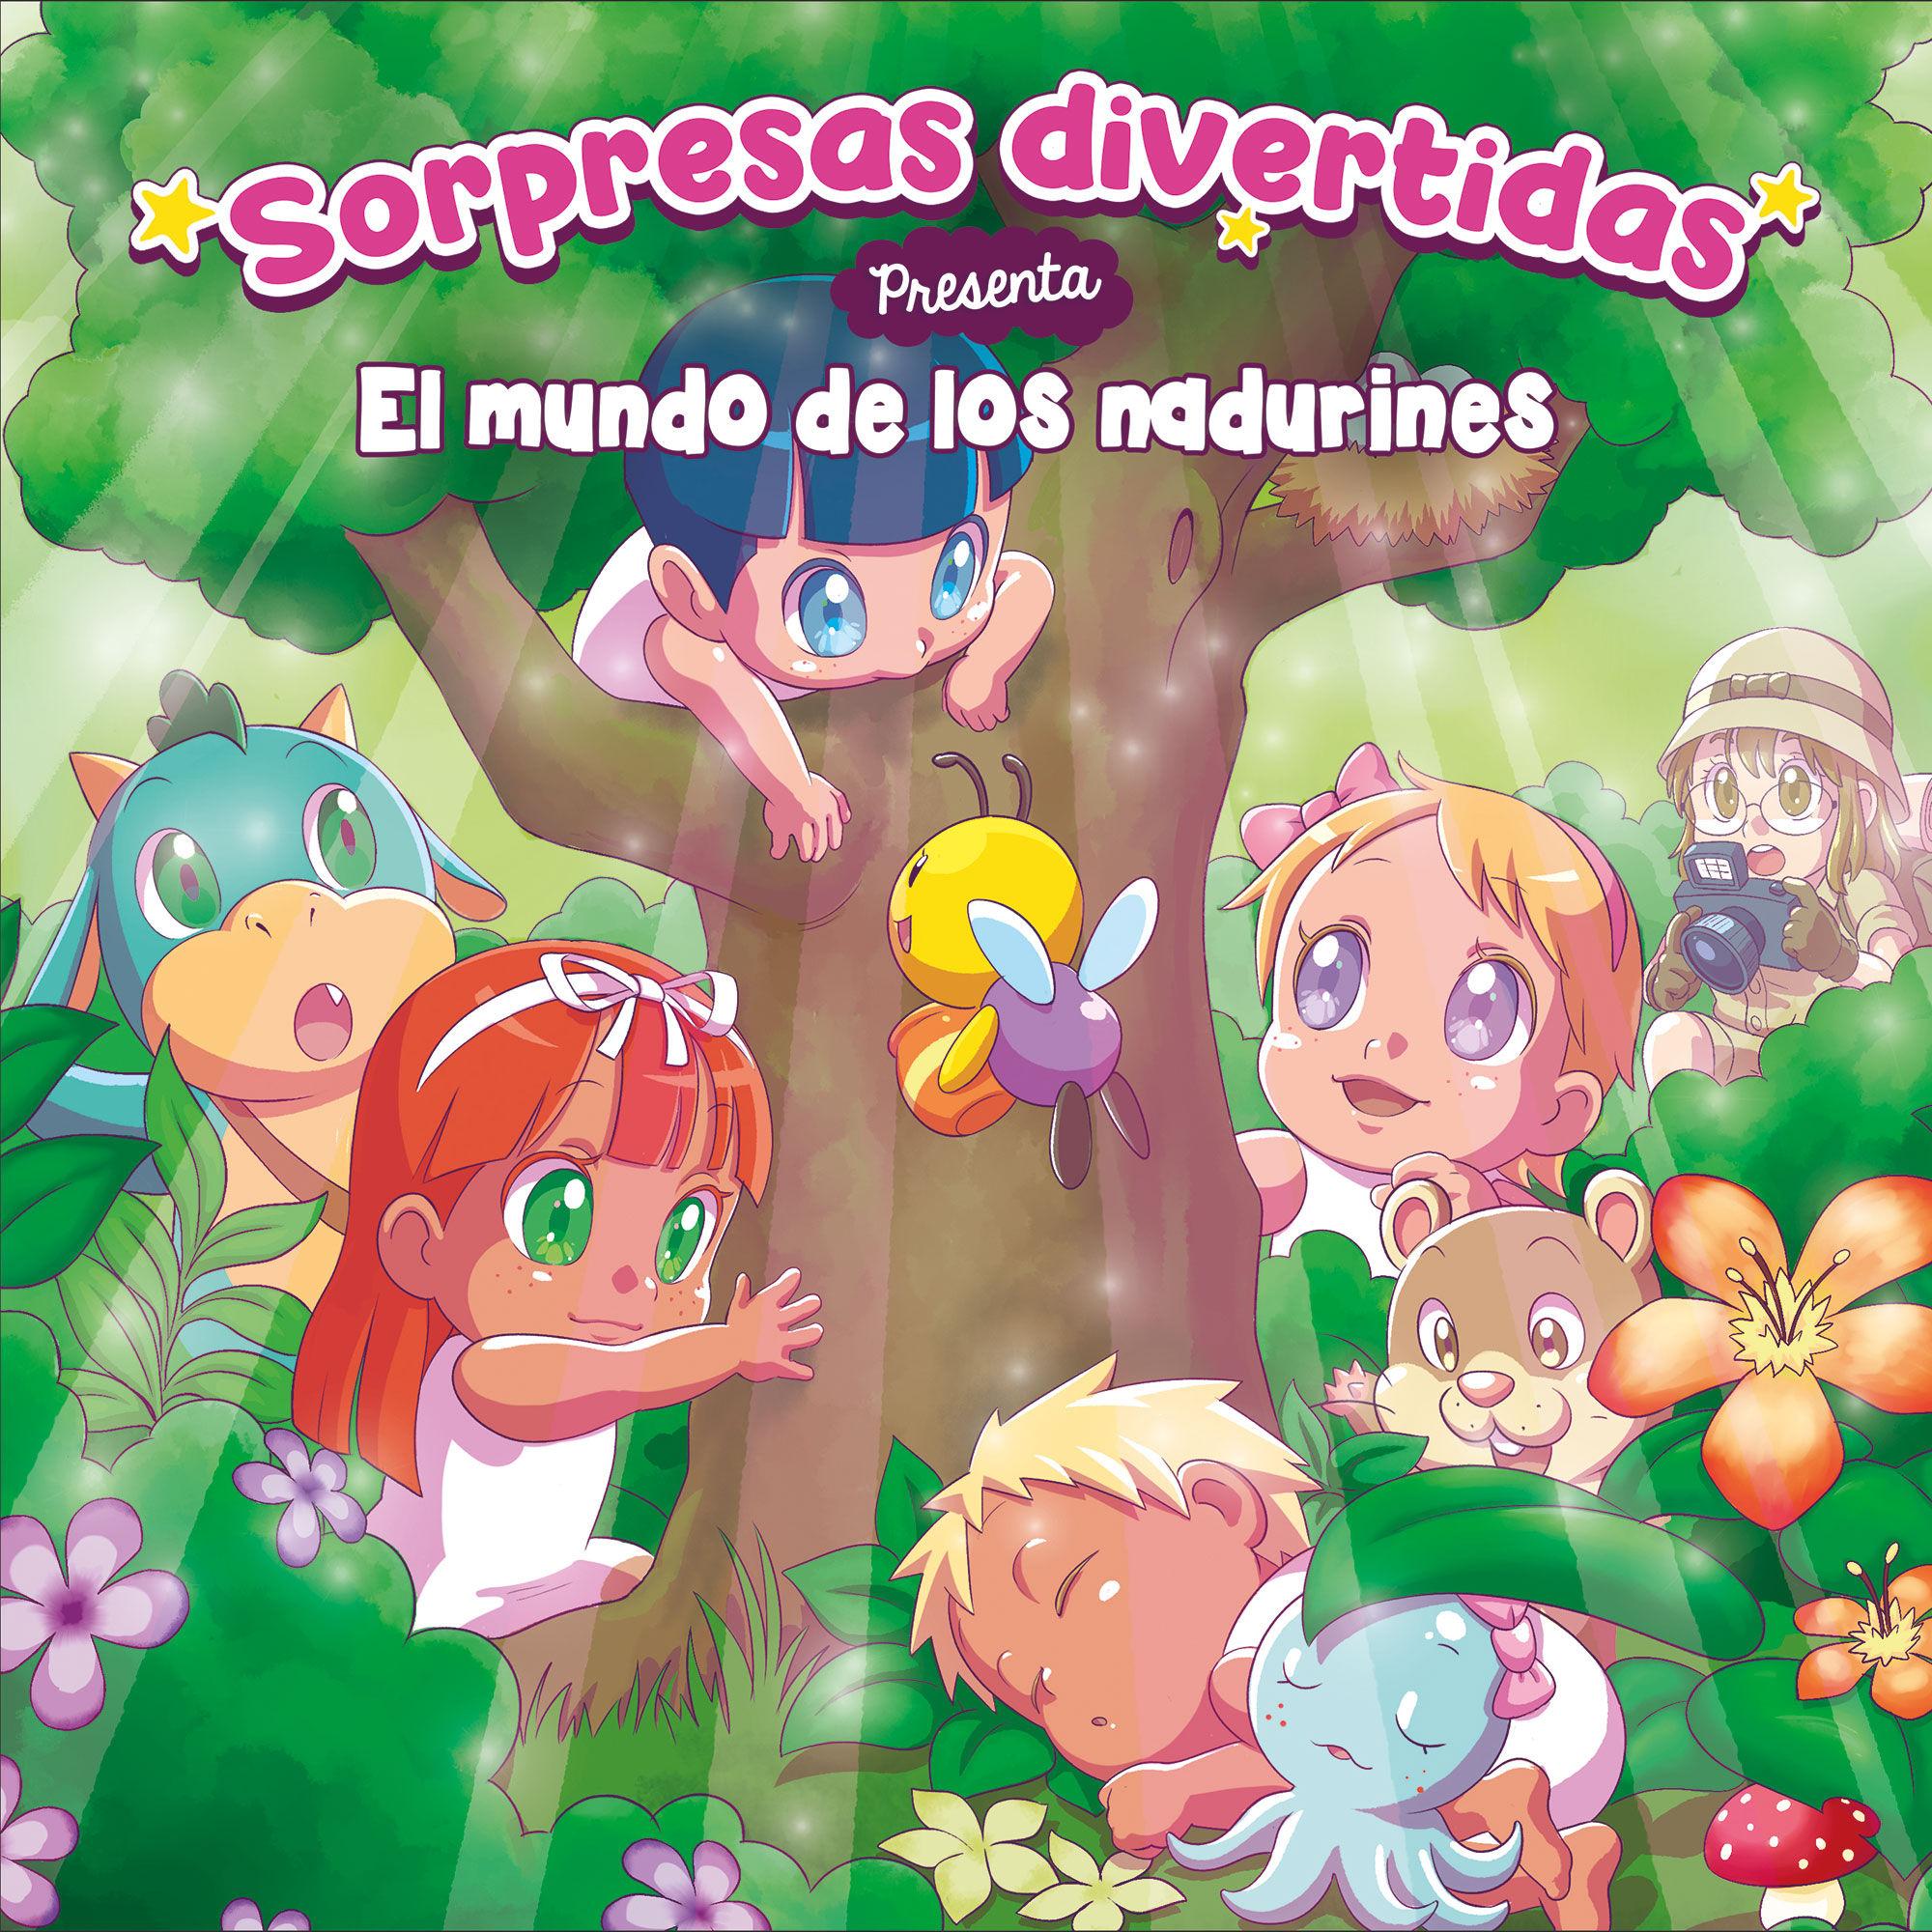 SORPRESAS DIVERTIDAS MUNDO DE LOS NADURINES